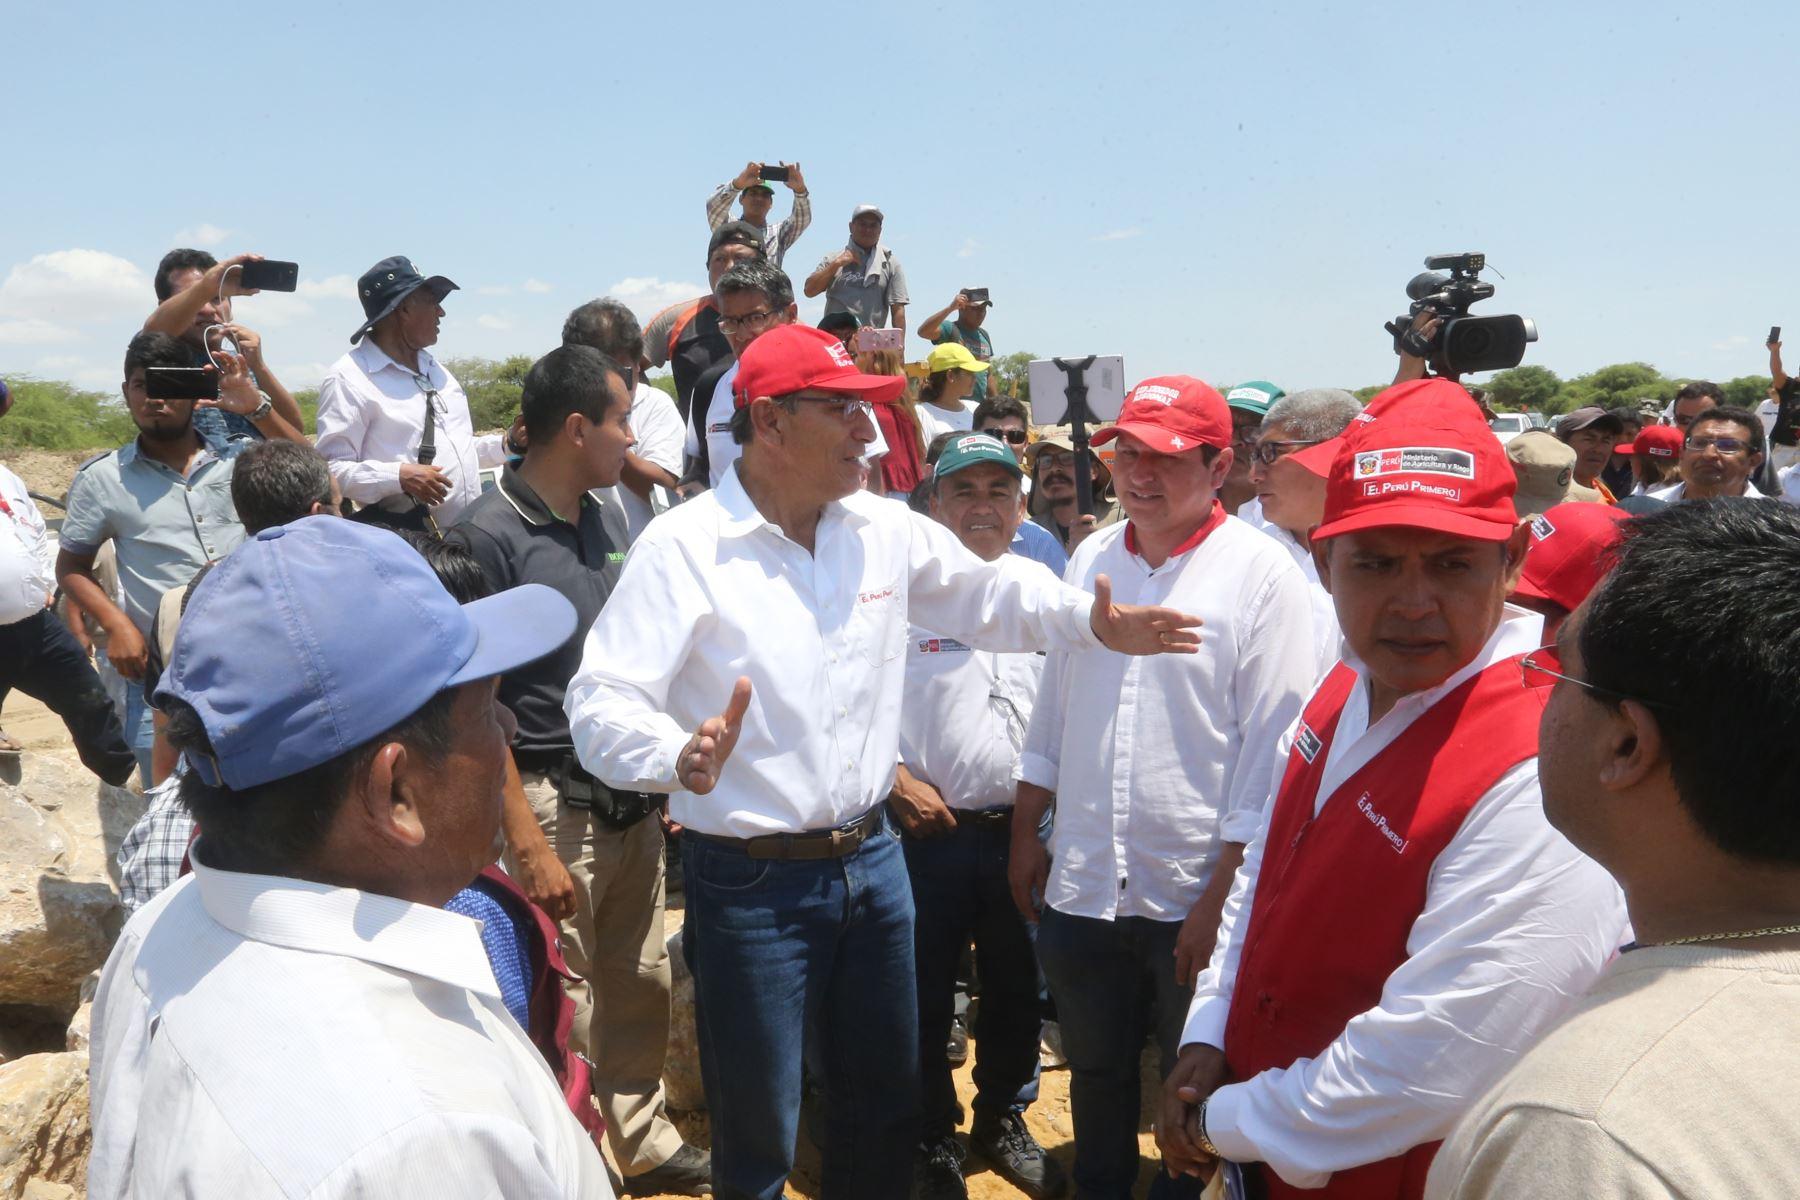 Presidente Martín Vizcarra inaugurará obras de infraestructura en Piura. ANDINA/Jhony Laurente